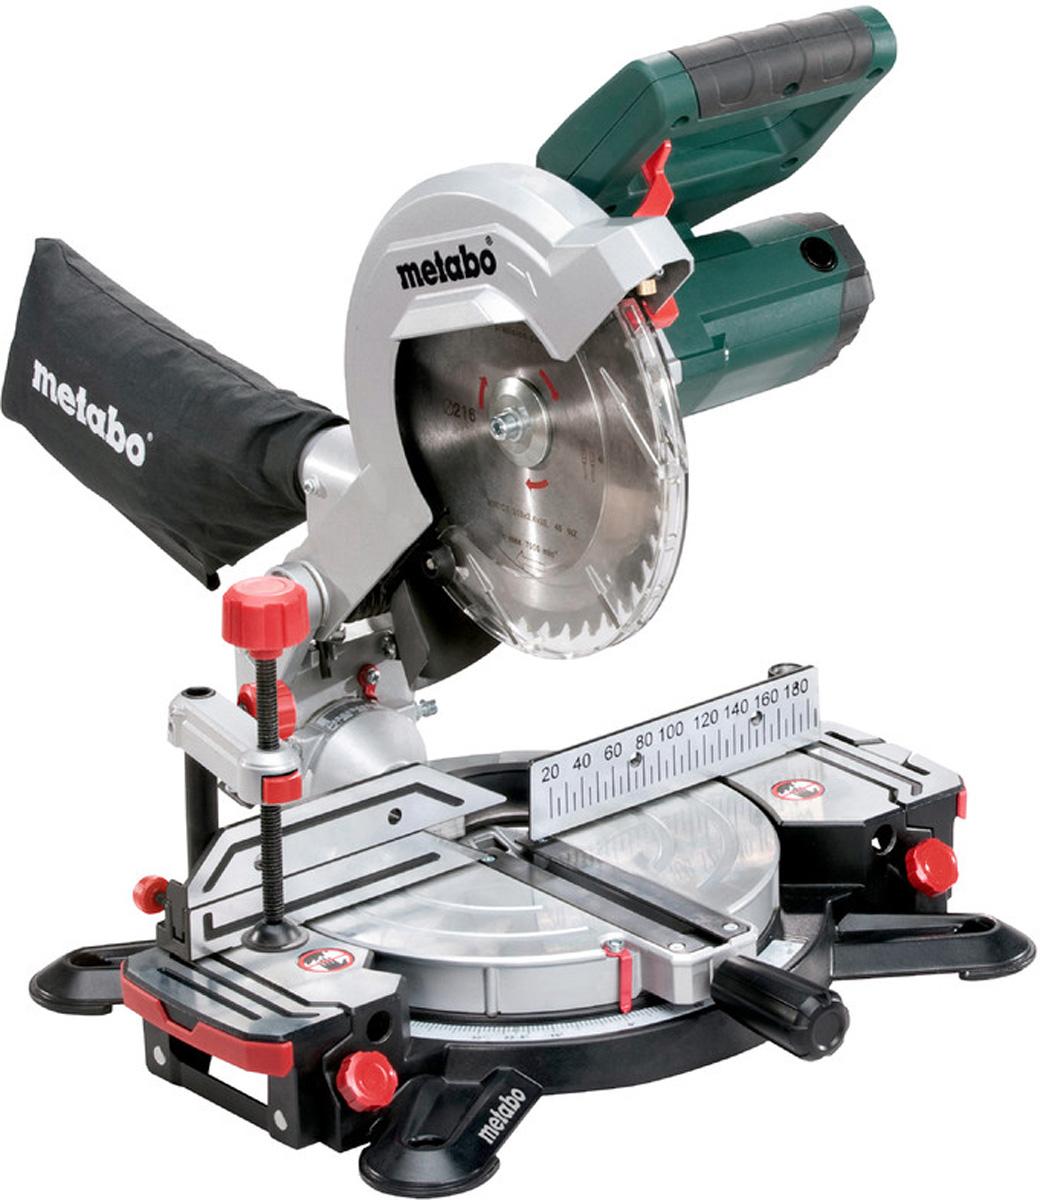 Пила торцовочная Metabo KS216MLasercut619216000Торцовочная пила Metabo KS 216 M Lasercut имеет корпус из алюминиевого литья, что гарантирует долгий срок службы. Надежную фиксацию заготовки сверху и впереди обеспечивают специальные зажимы. Для работы в местах с плохим освещением в пиле предусмотрена светодиодная подсветка, а для высокой точности пиления - лазерный указатель. D-образная рукоятка с мягкими накладками - для комфортной работы. Рабочее место всегда останется чистым, так как модель оснащена мешком для сбора опилок.Особенности: Прочная конструкция благодаря корпусу из алюминиевого литья под давлением для самых сложных условий.Простая транспортировка благодаря эргономичным ручкам для переноски и блокировка пильной головки.Эффективный отвод опилок через встроенную воронку приема опилок. Быстрая прецизионная настройка наиболее употребительных углов через точки фиксации. Лазер для точной индикации линии реза (от сети, батареи не нужны). Плавно выдвигающиеся расширения стола, съемные, для установки под длинные панели, рейки. Яркий рабочий светодиодный фонарь для освещения места реза (от сети, батареи не нужны). Высокие упоры, сдвигаемые в стороны, для безопасности распила. Зажим для материала для надежной фиксации заготовки сверху или впереди. Головка пилы наклоняется влево, с дополнительным угловым диапазоном для подреза. Все шкалы и элементы управления видны из рабочего положения, управление интуитивное.